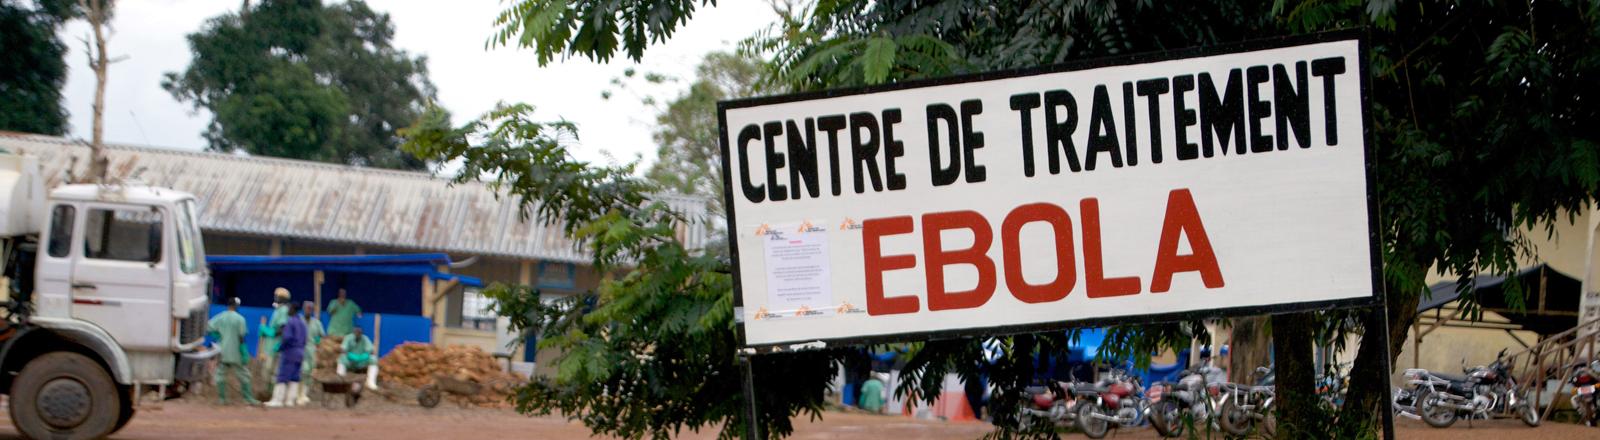 Ein Zentrum zur Behandlung von Ebola in Gueckedou, Guinea